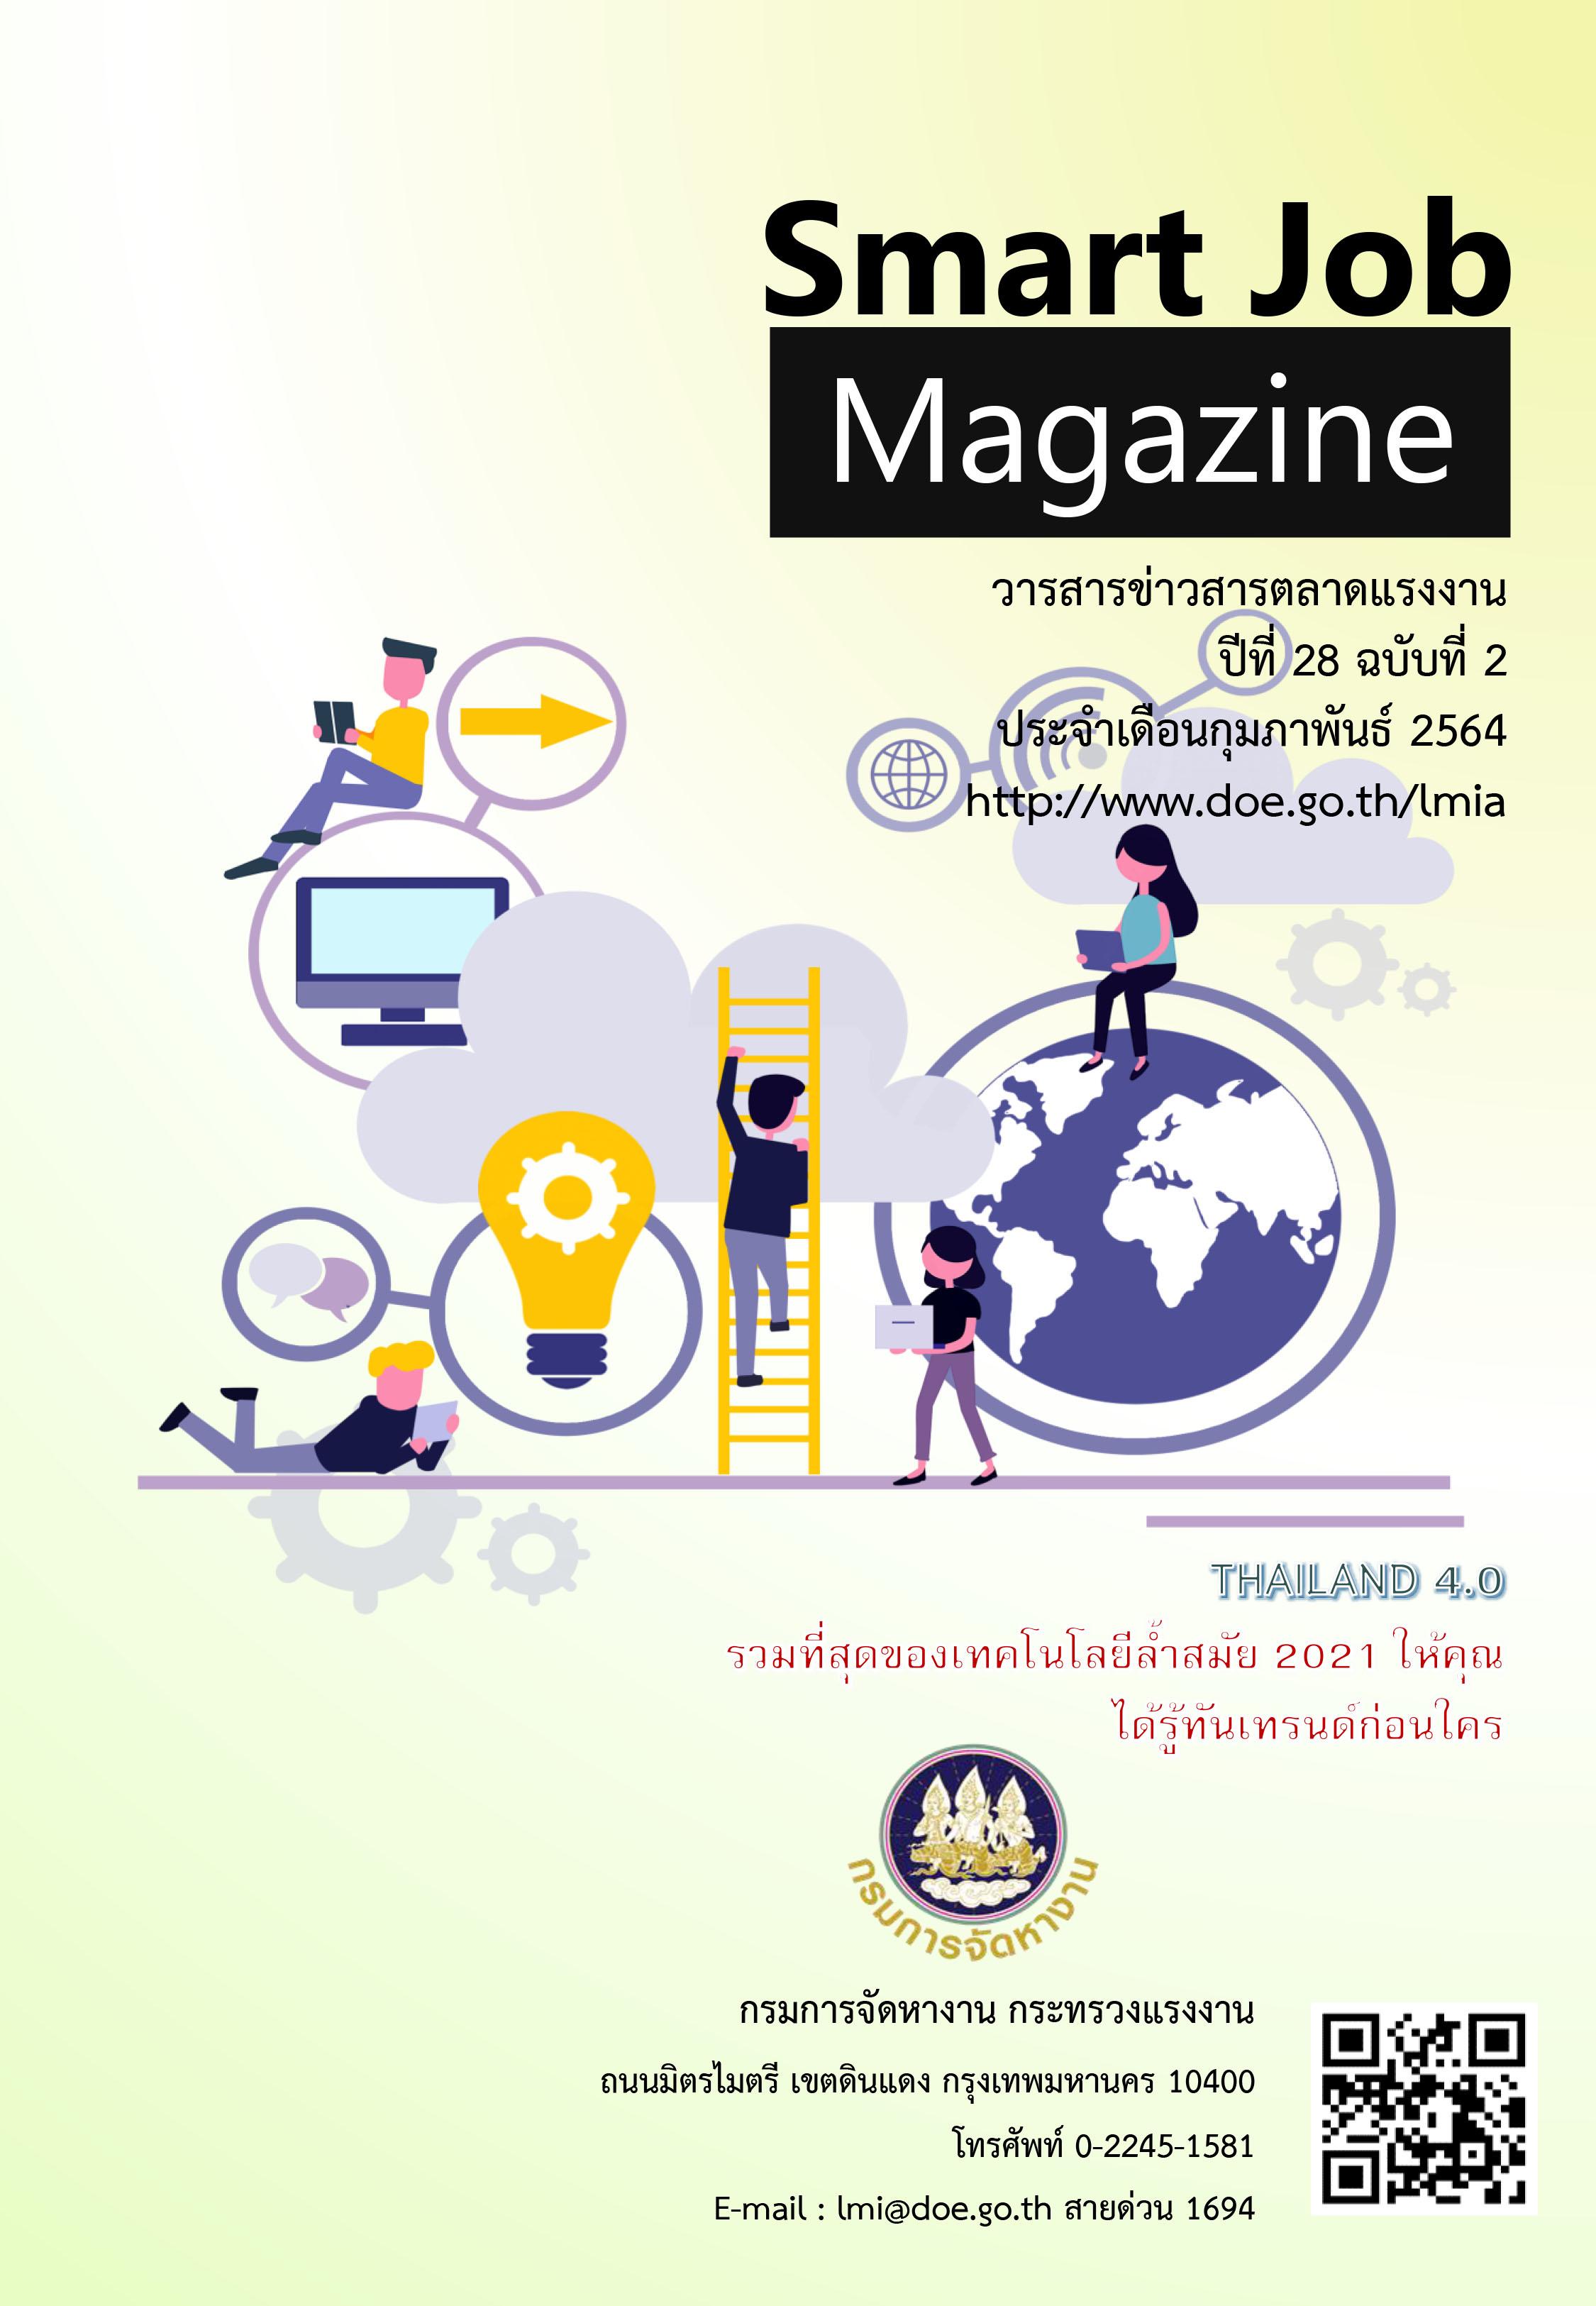 วารสารข่าวสารตลาดแรงงาน ปีที่ 28 ฉบับที่ 2 เดือนกุมภาพันธ์ 2564